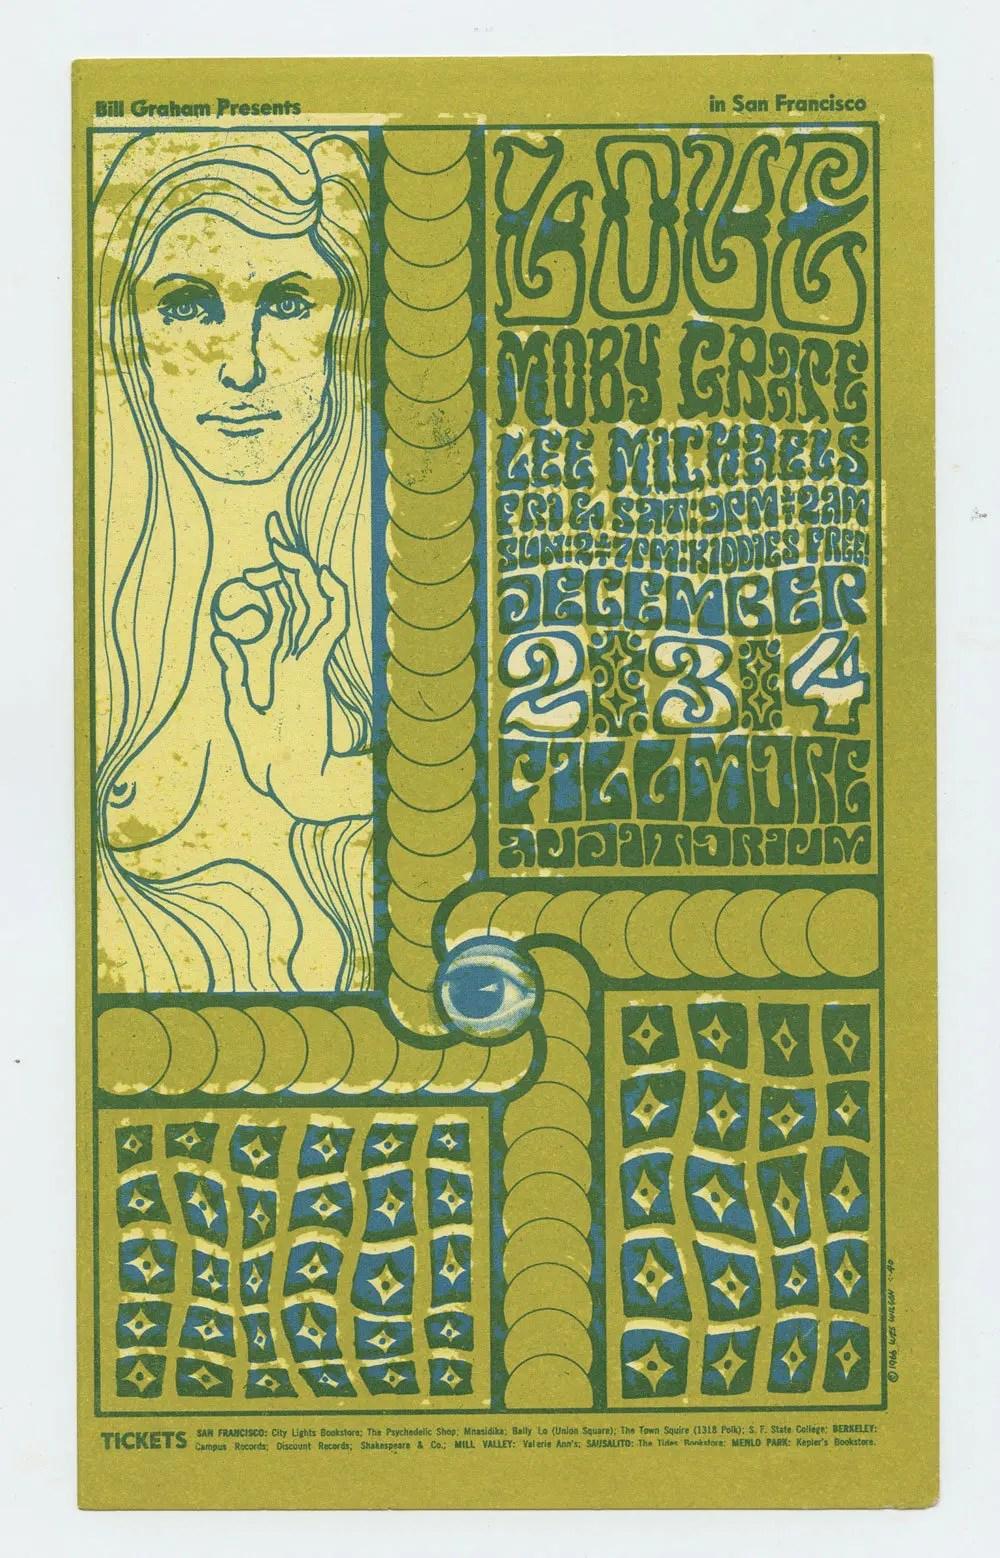 Bill Graham 40 Handbill Moby Grape 1966 Dec 24